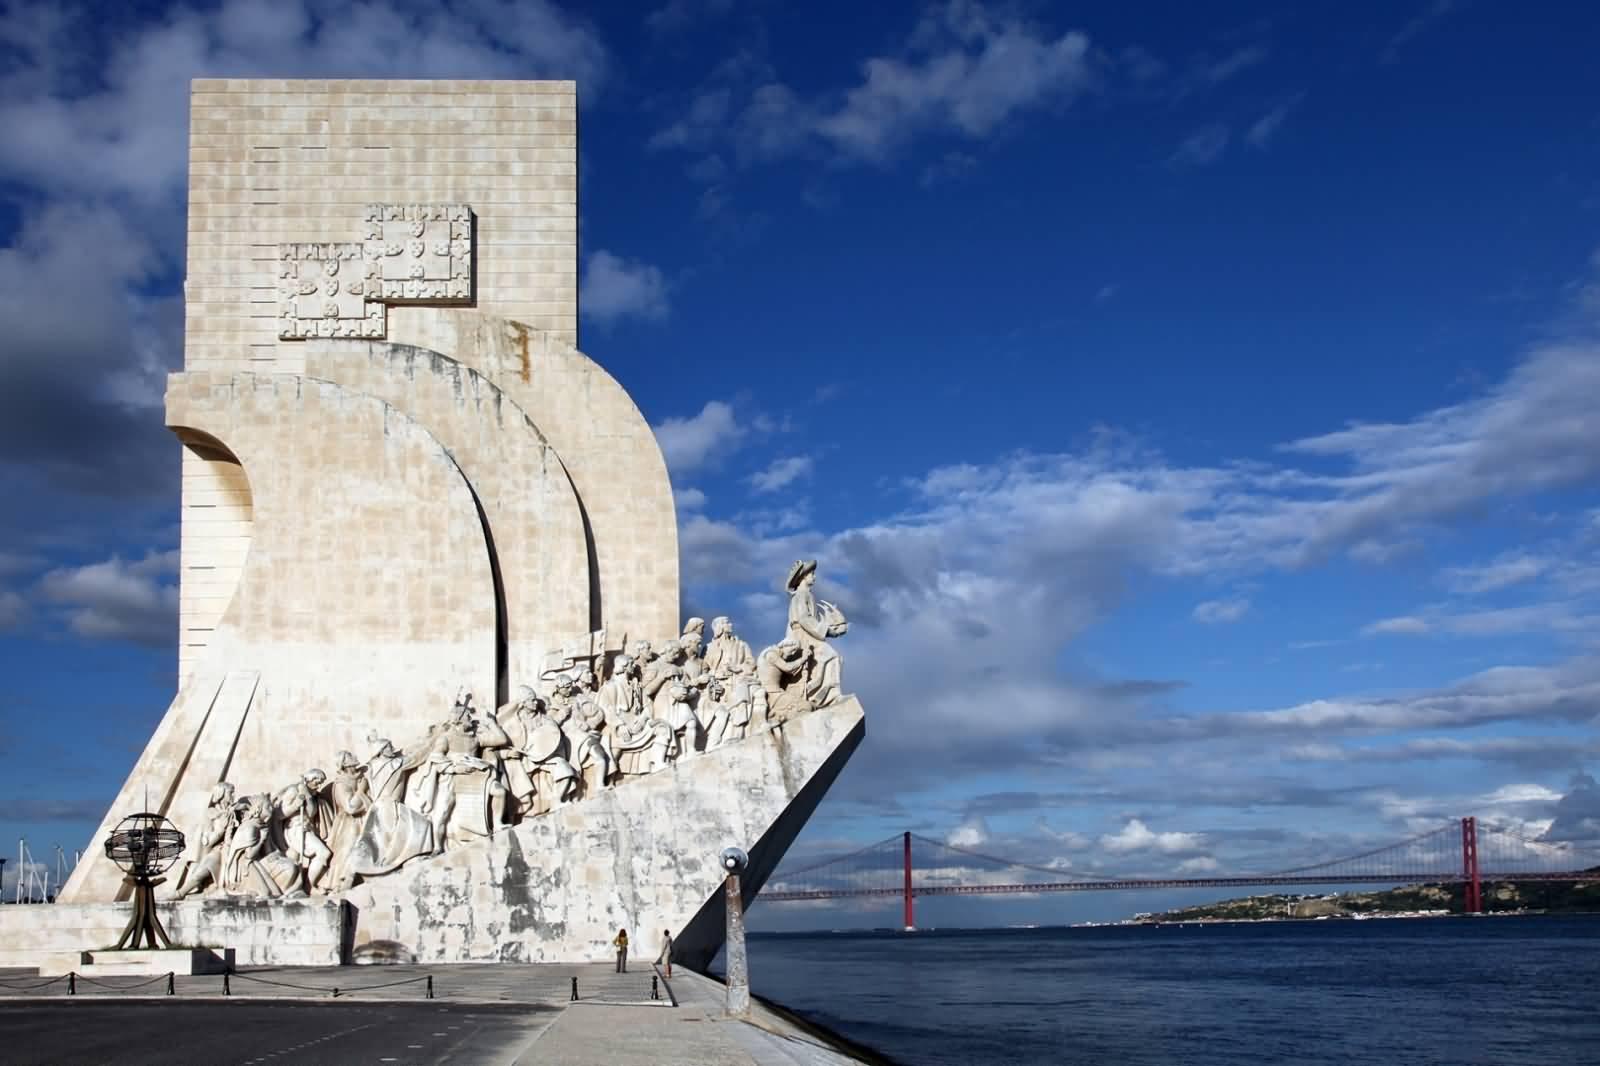 Pomnik Odkrywców w Lizbonie Polski Przewodnik po Portugalii Zwiedzanie Opis Atrakcje Zabytki Bilety Co Warto zobaczyć w Lizbona 2020